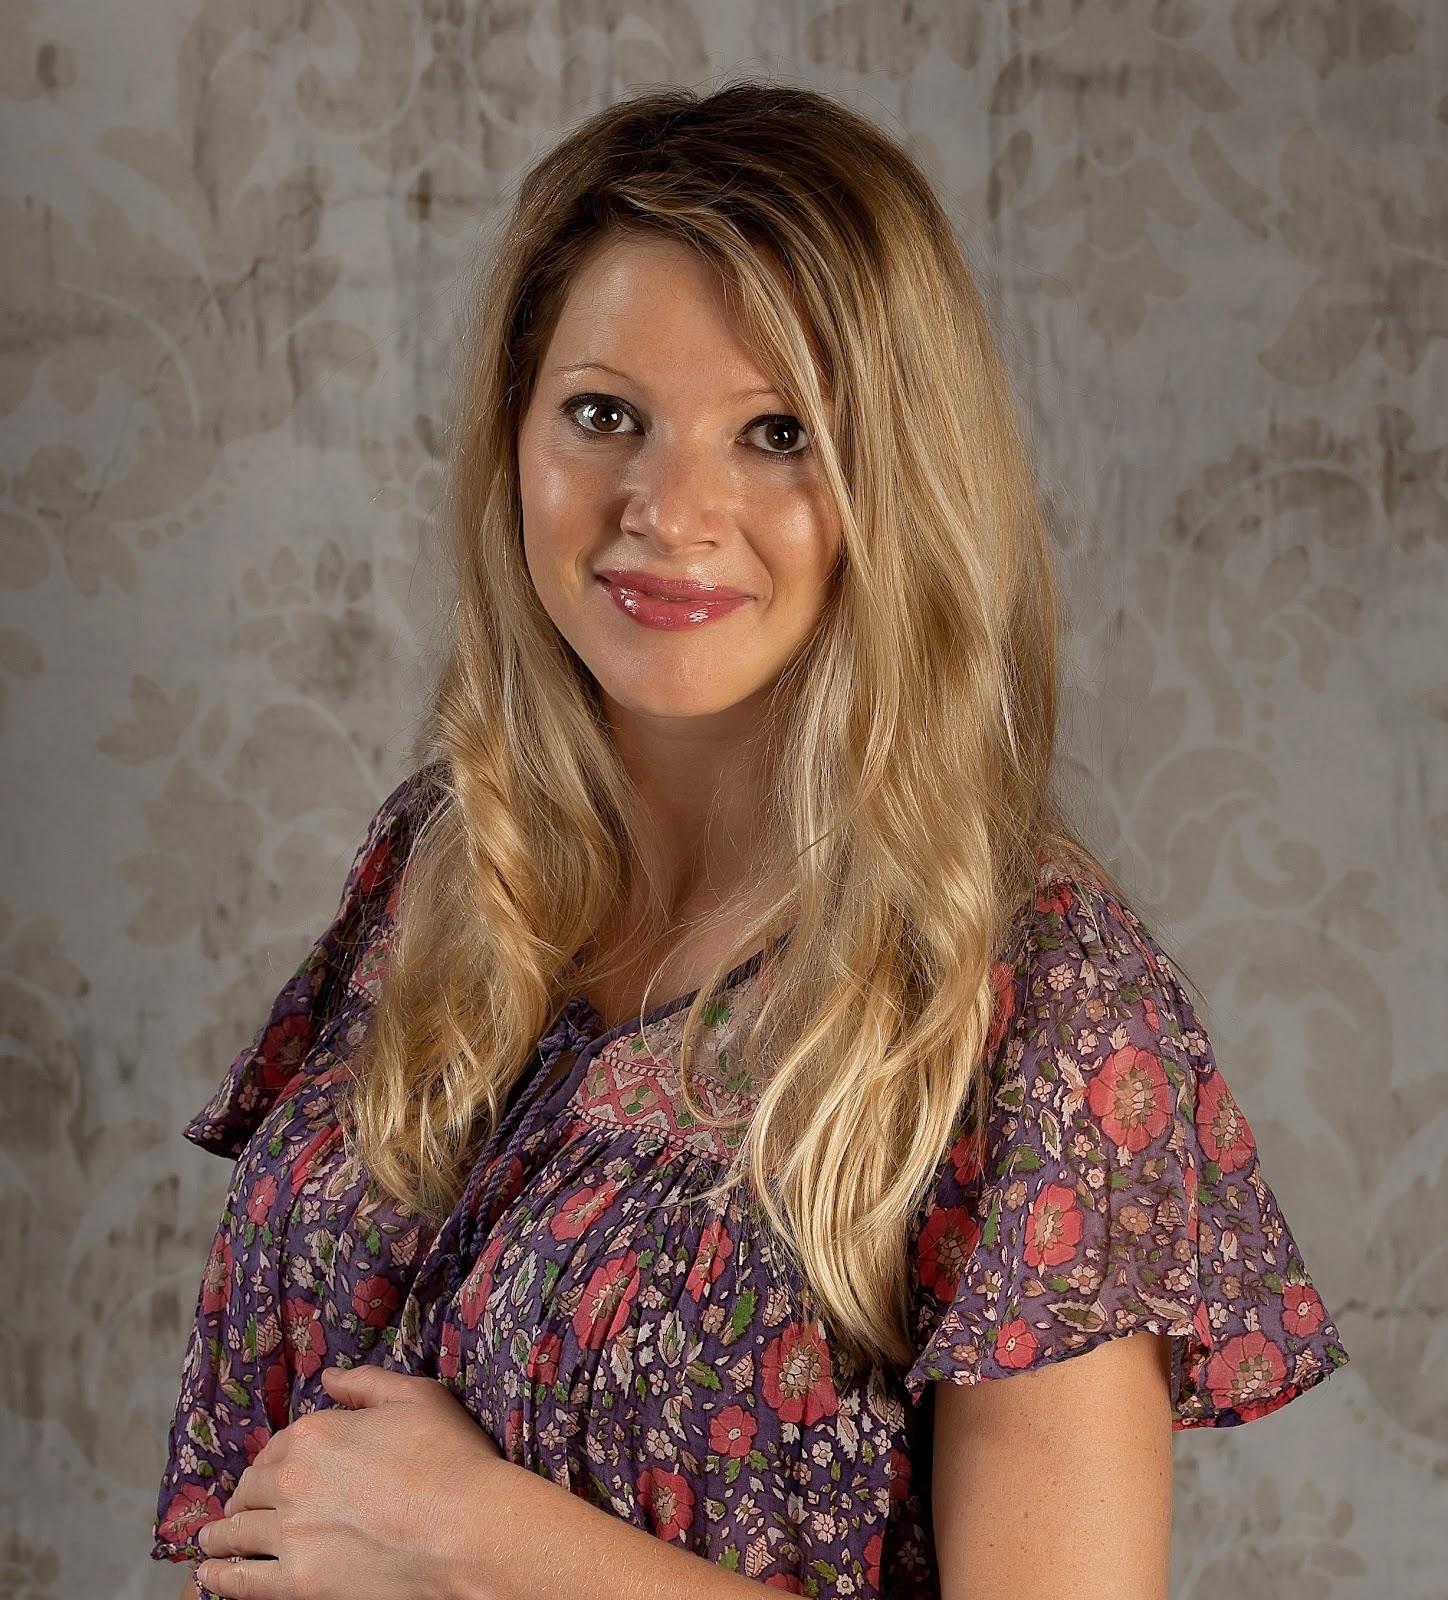 http://1.bp.blogspot.com/-WRb_LCSlR2E/T2exBMBcNLI/AAAAAAAABKY/Mi3_Met-4VI/s1600/pregnancy%2Bphoto.jpg